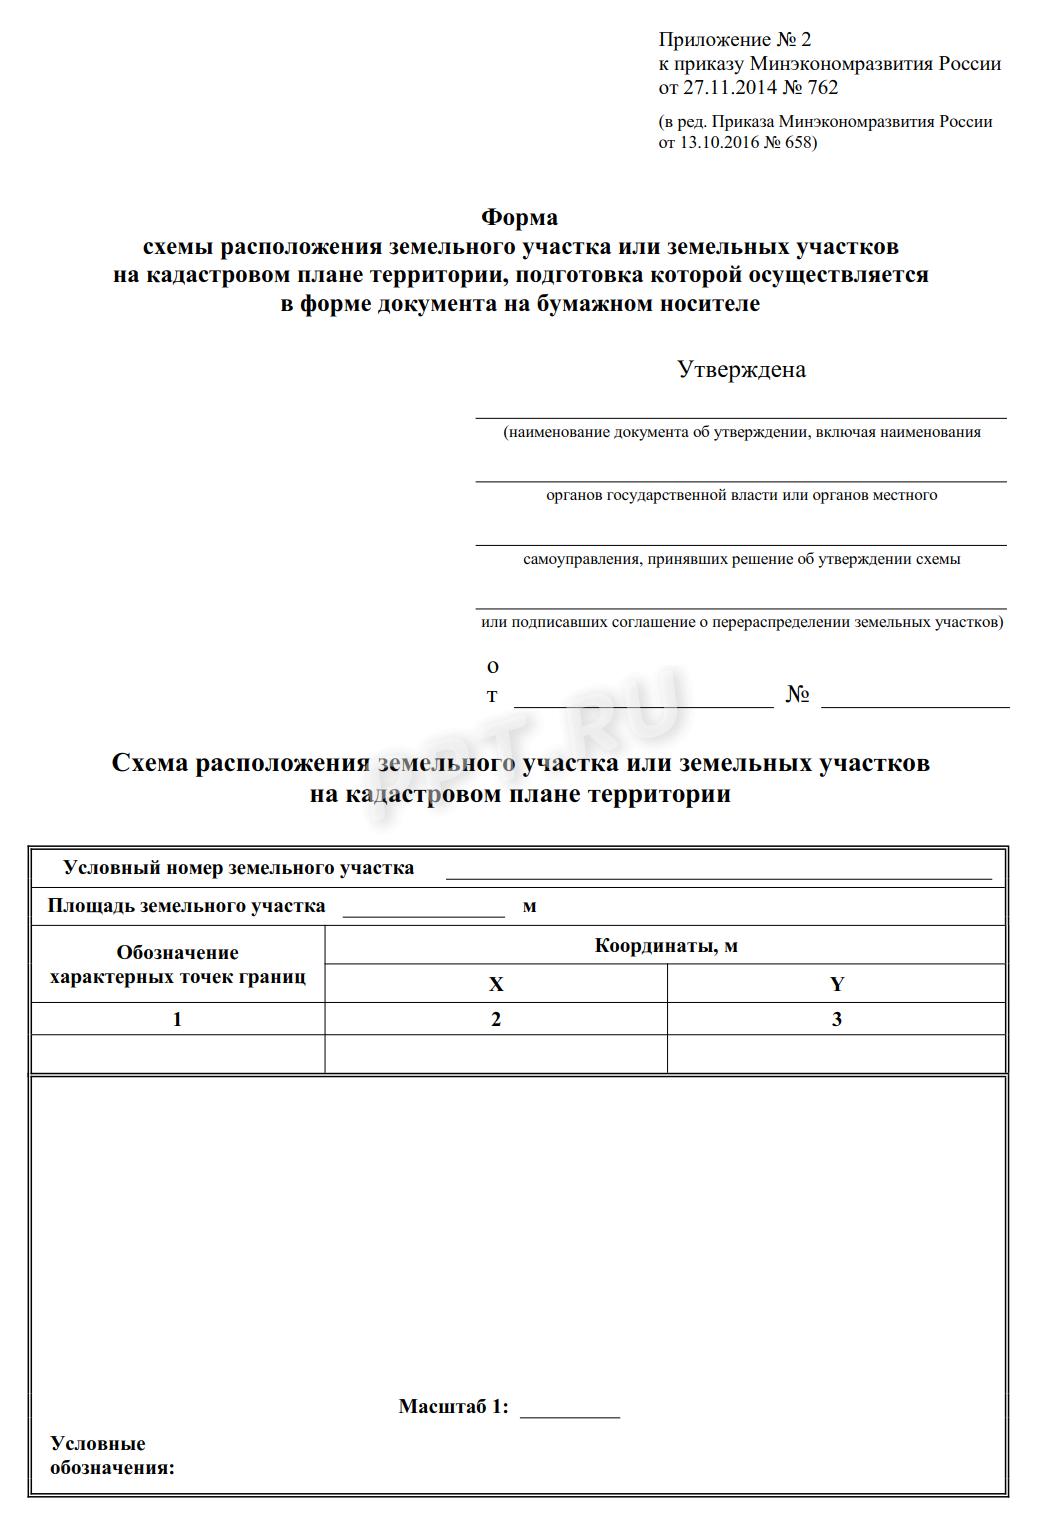 Схема планировки земельного участка образец